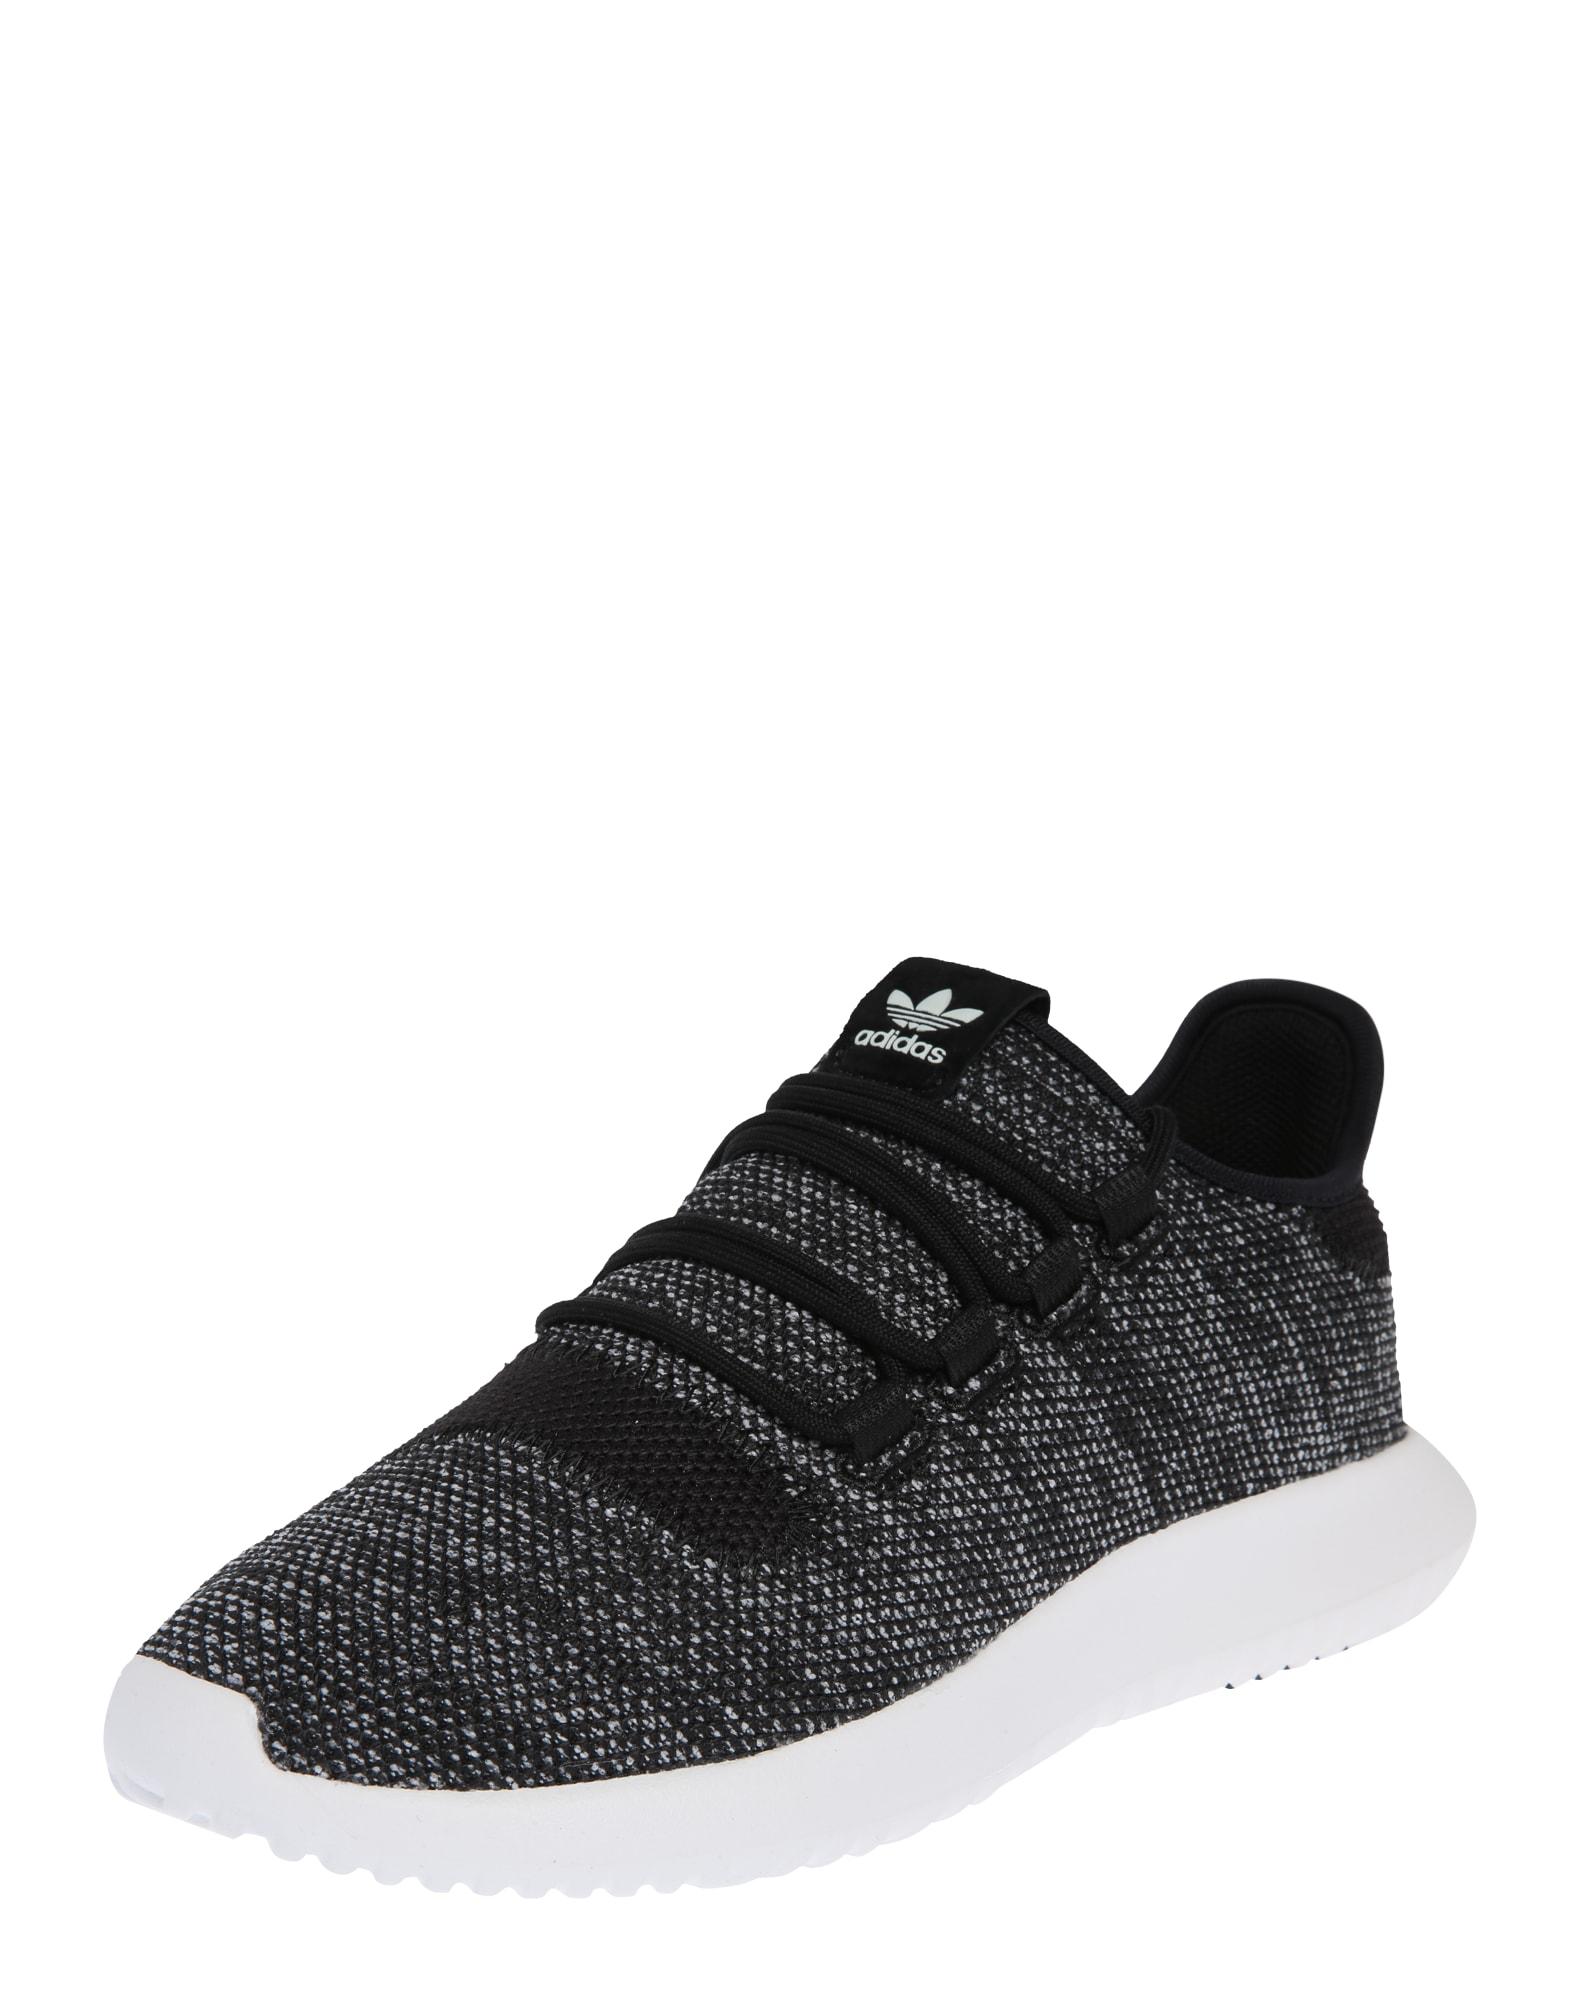 ADIDAS ORIGINALS, Heren Sneakers laag 'Tubular Shadow K', zwart / wit gemêleerd